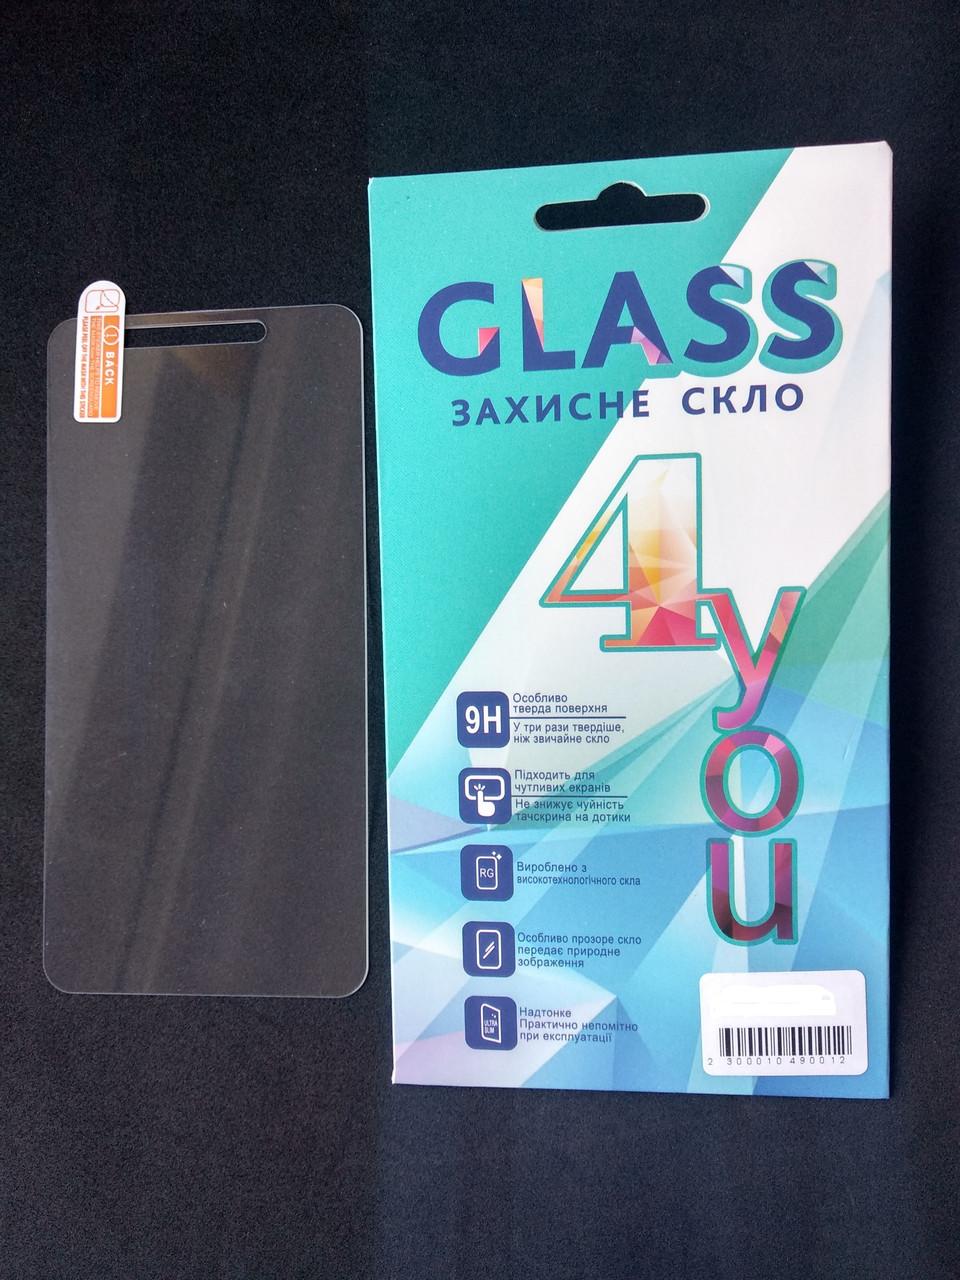 Захисне скло Samsung A11 / A115 / M115 2.5D (0.3mm) 4you